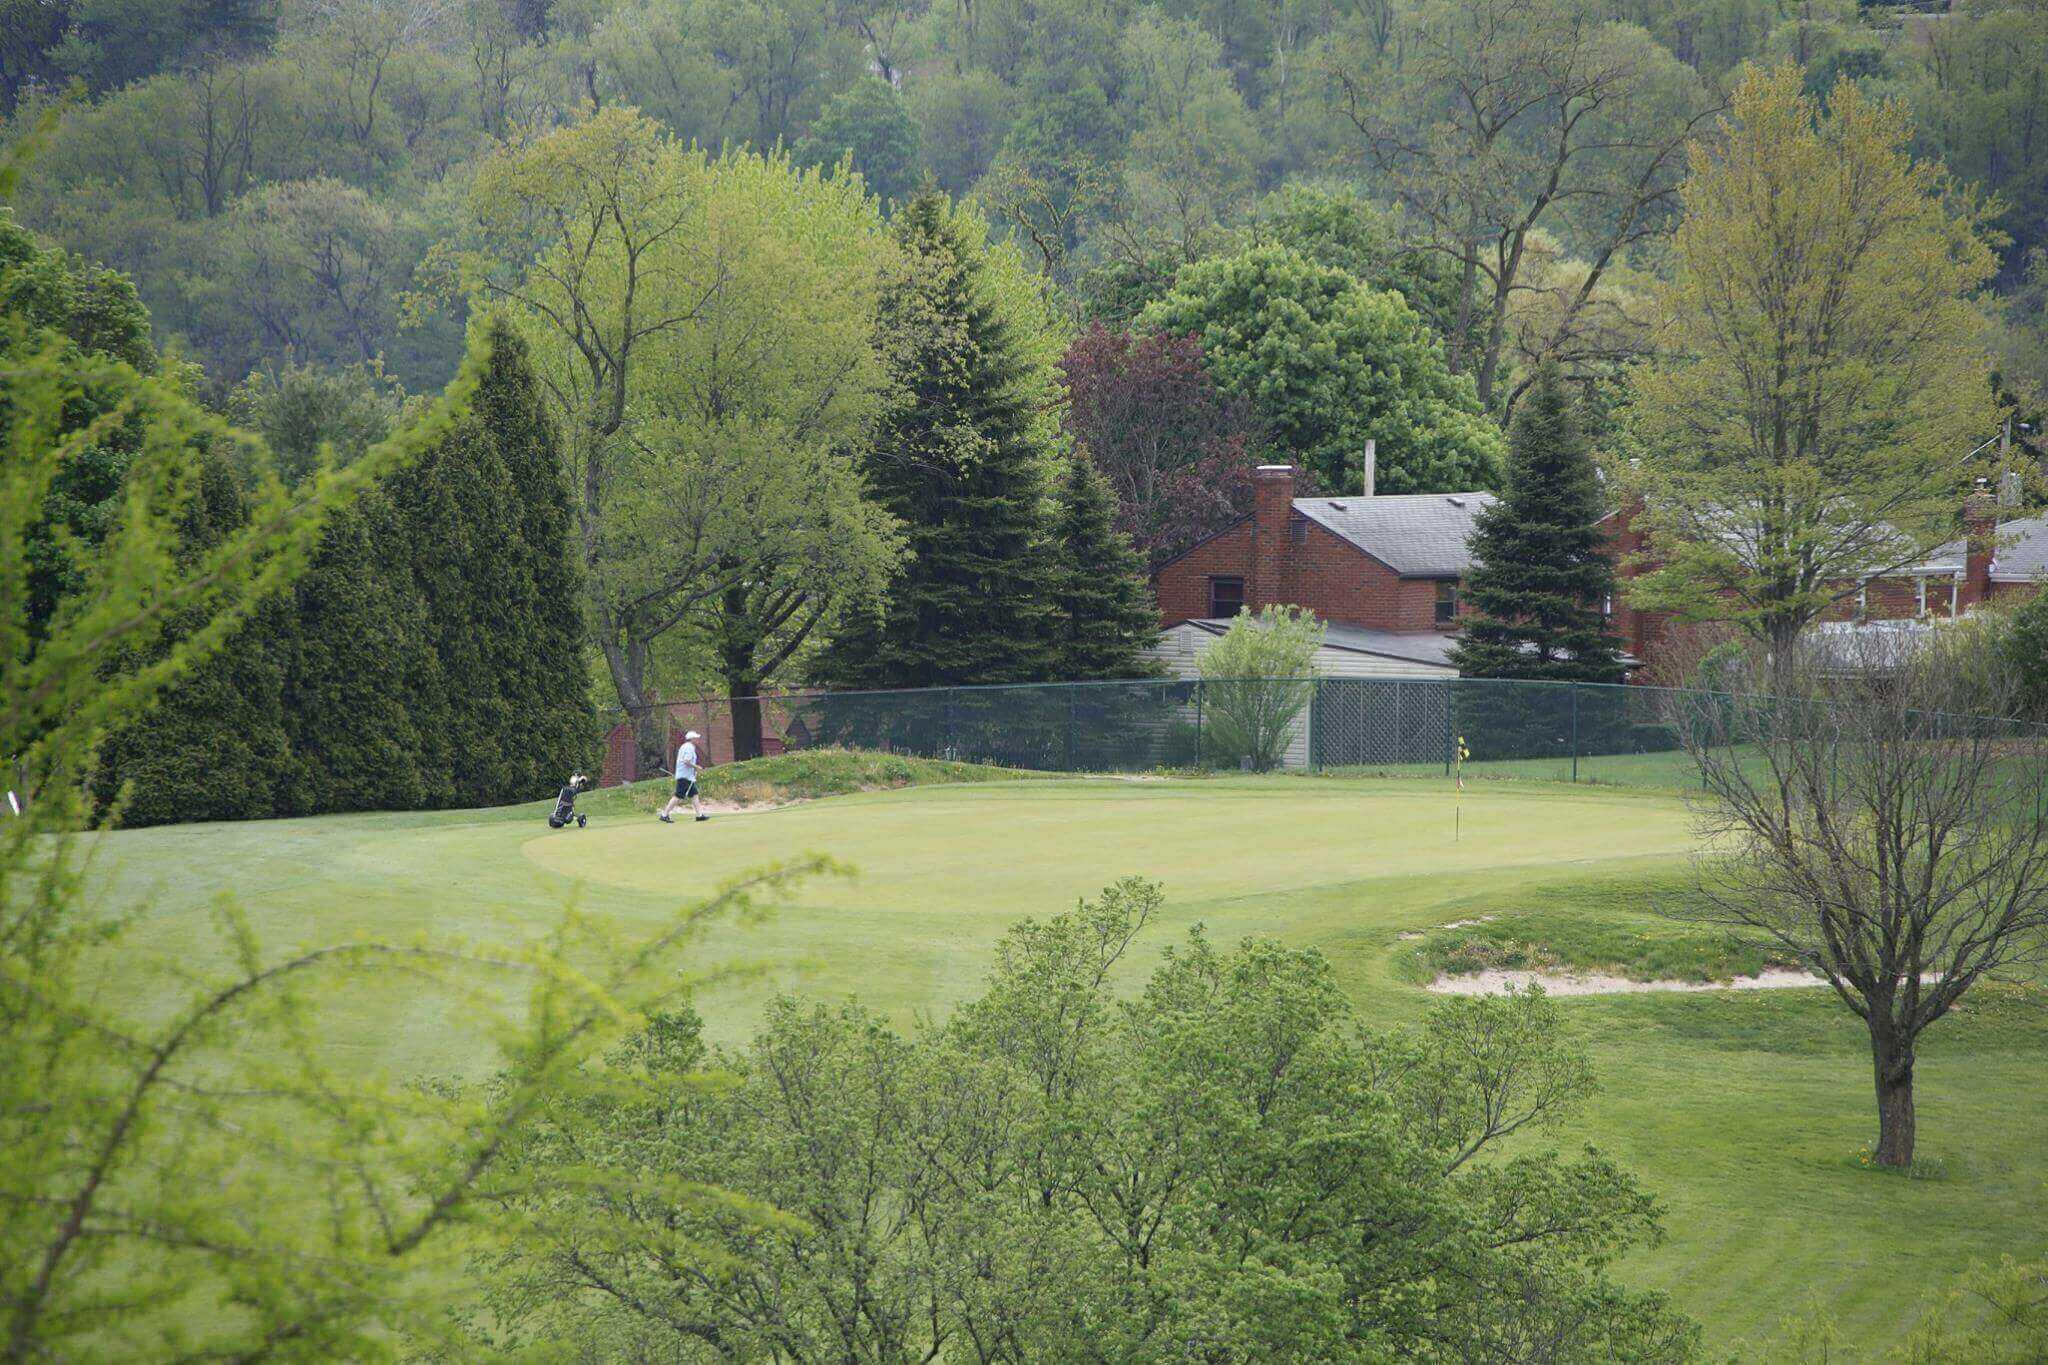 M. Lebanon Golf Course